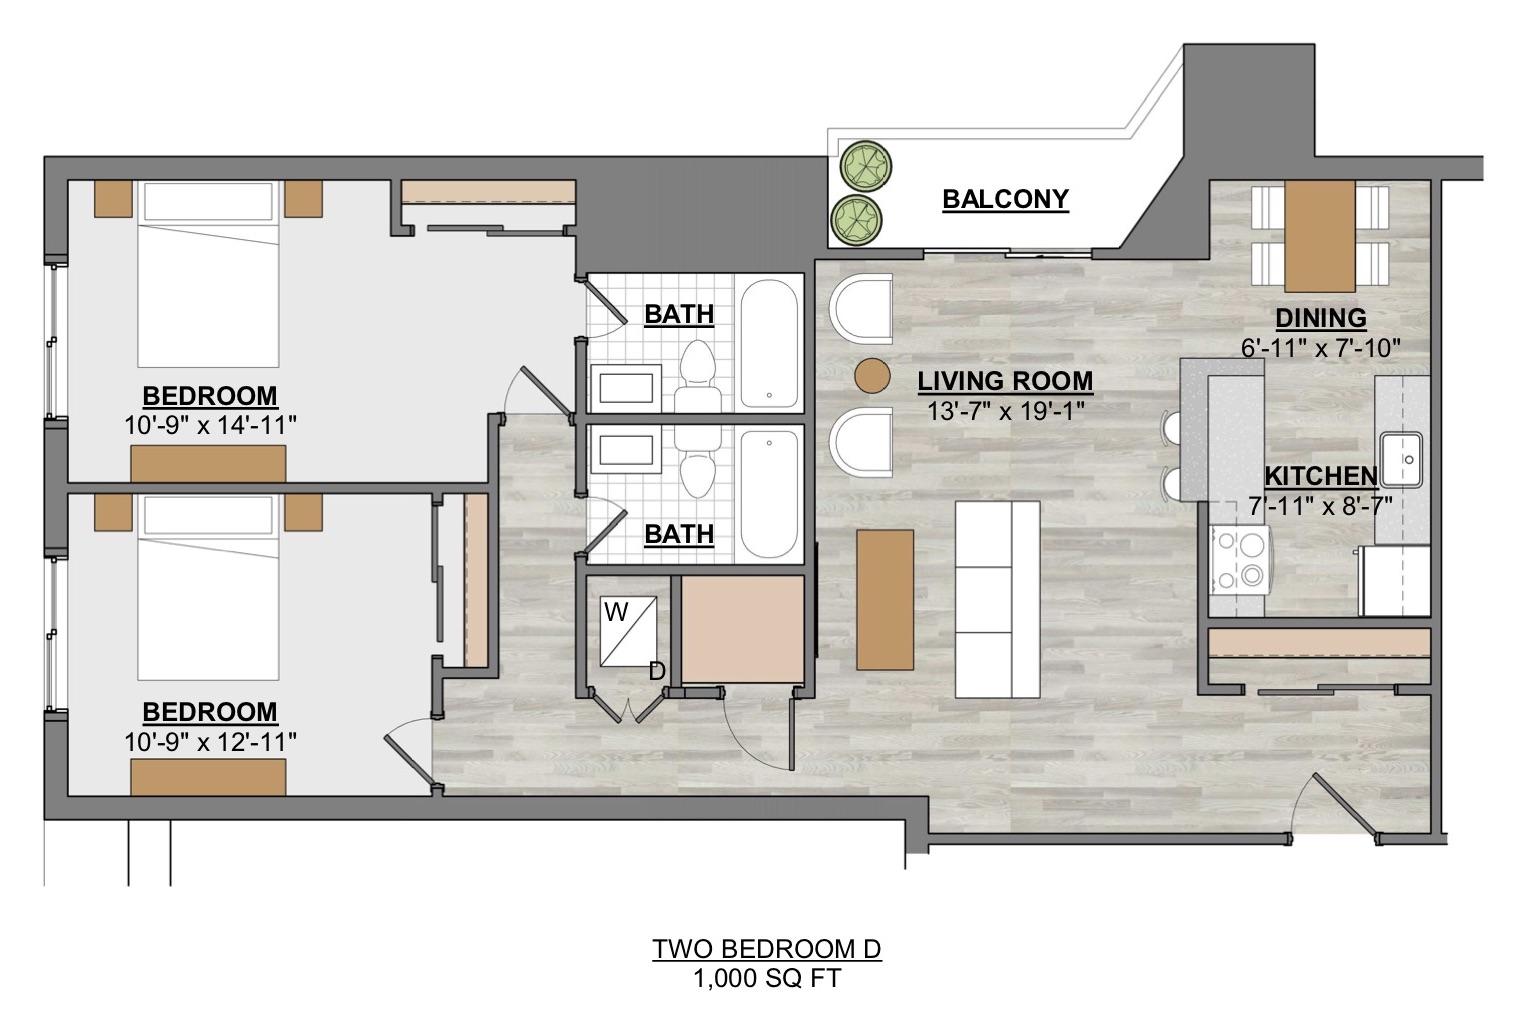 Algon Flats Two Bedroom D